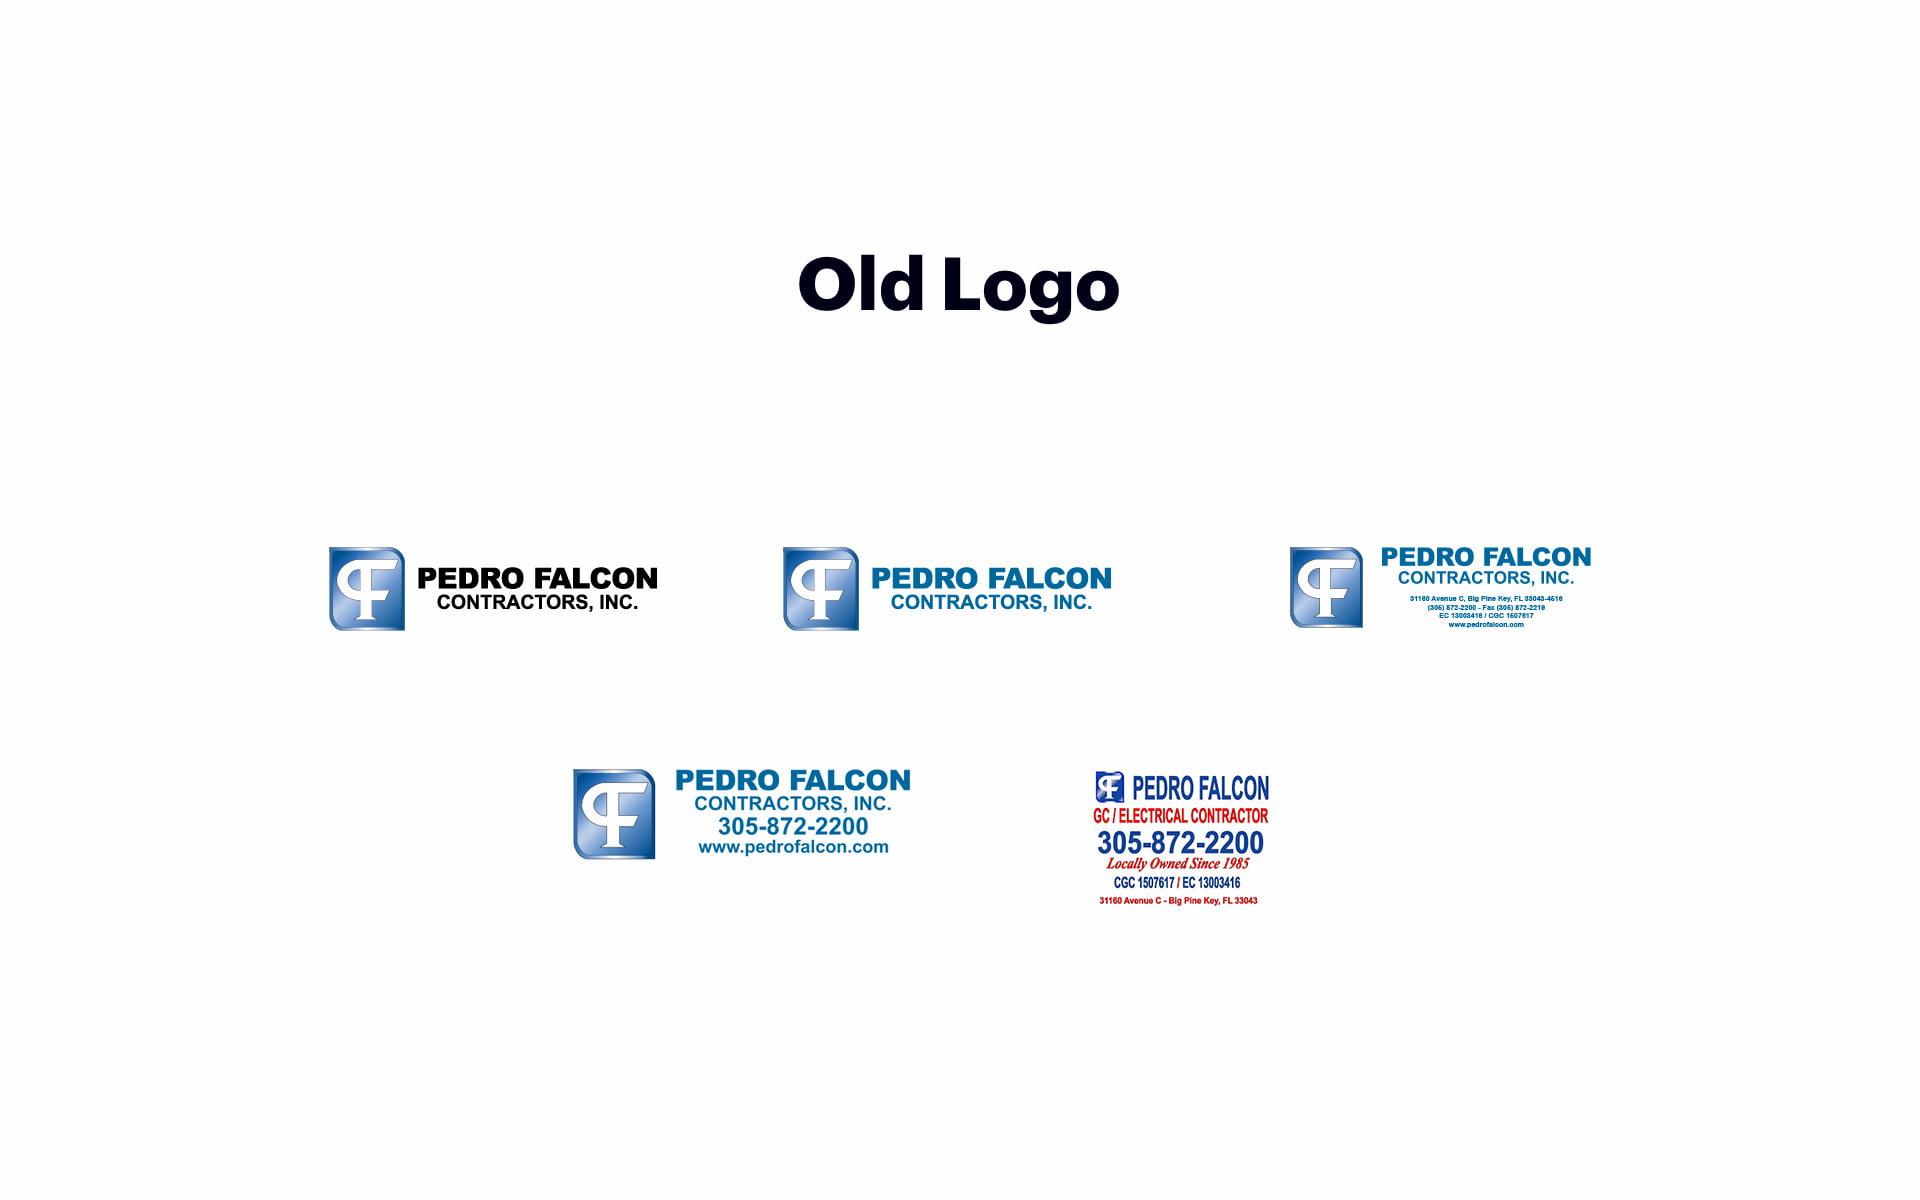 Old Pedro Falcon Contractors Inc. logo design